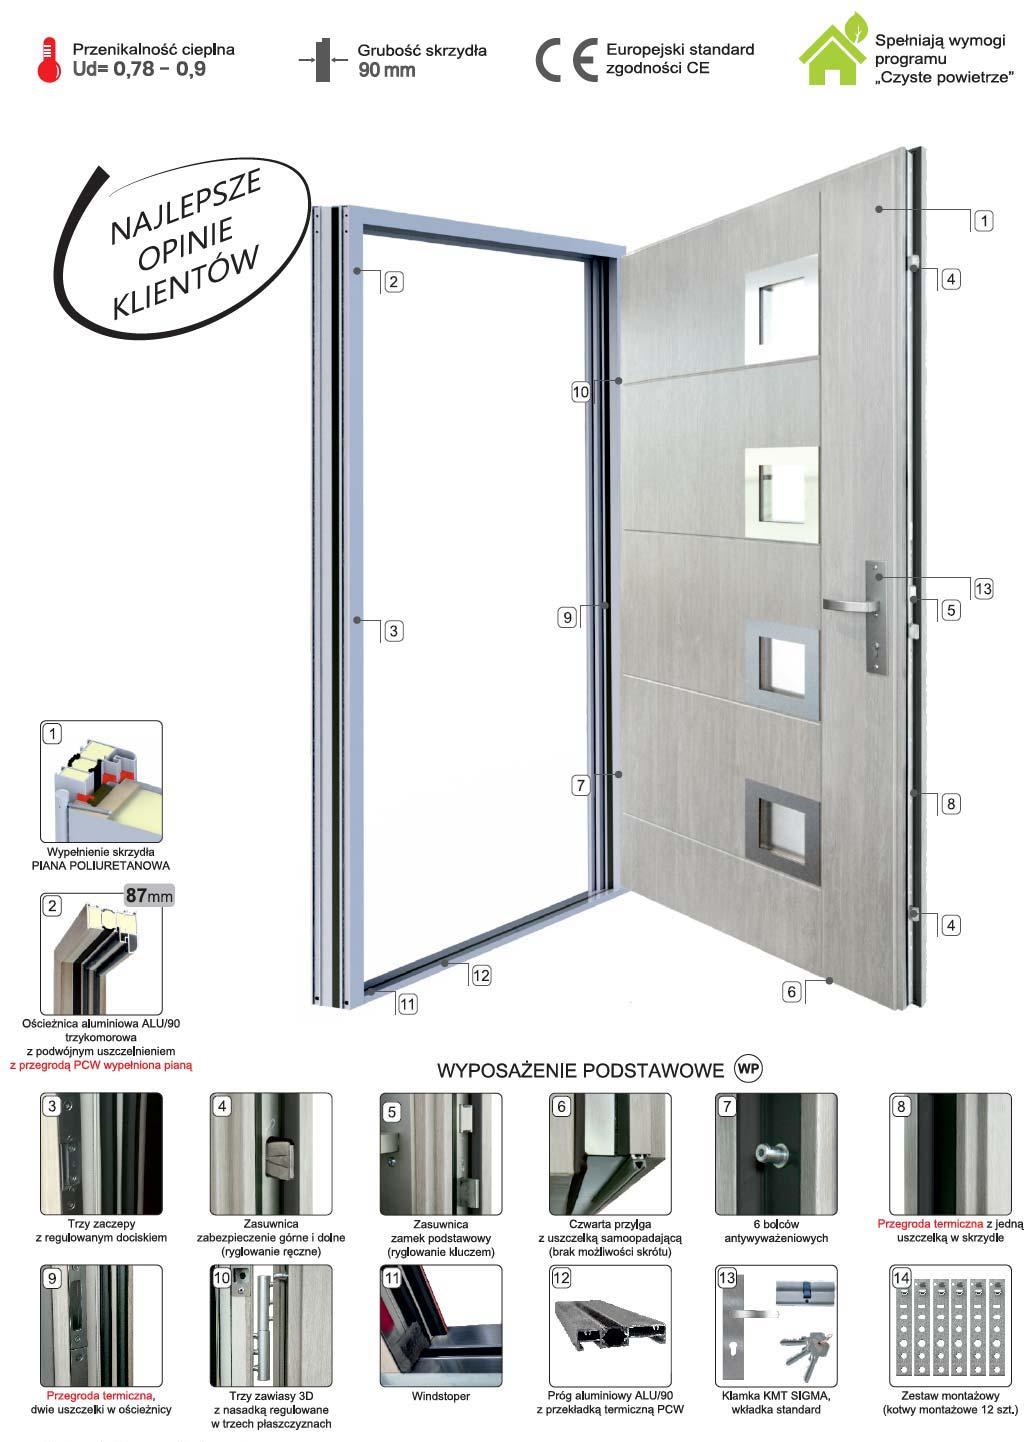 drzwi-kmt-supertherm-zestaw-nowy